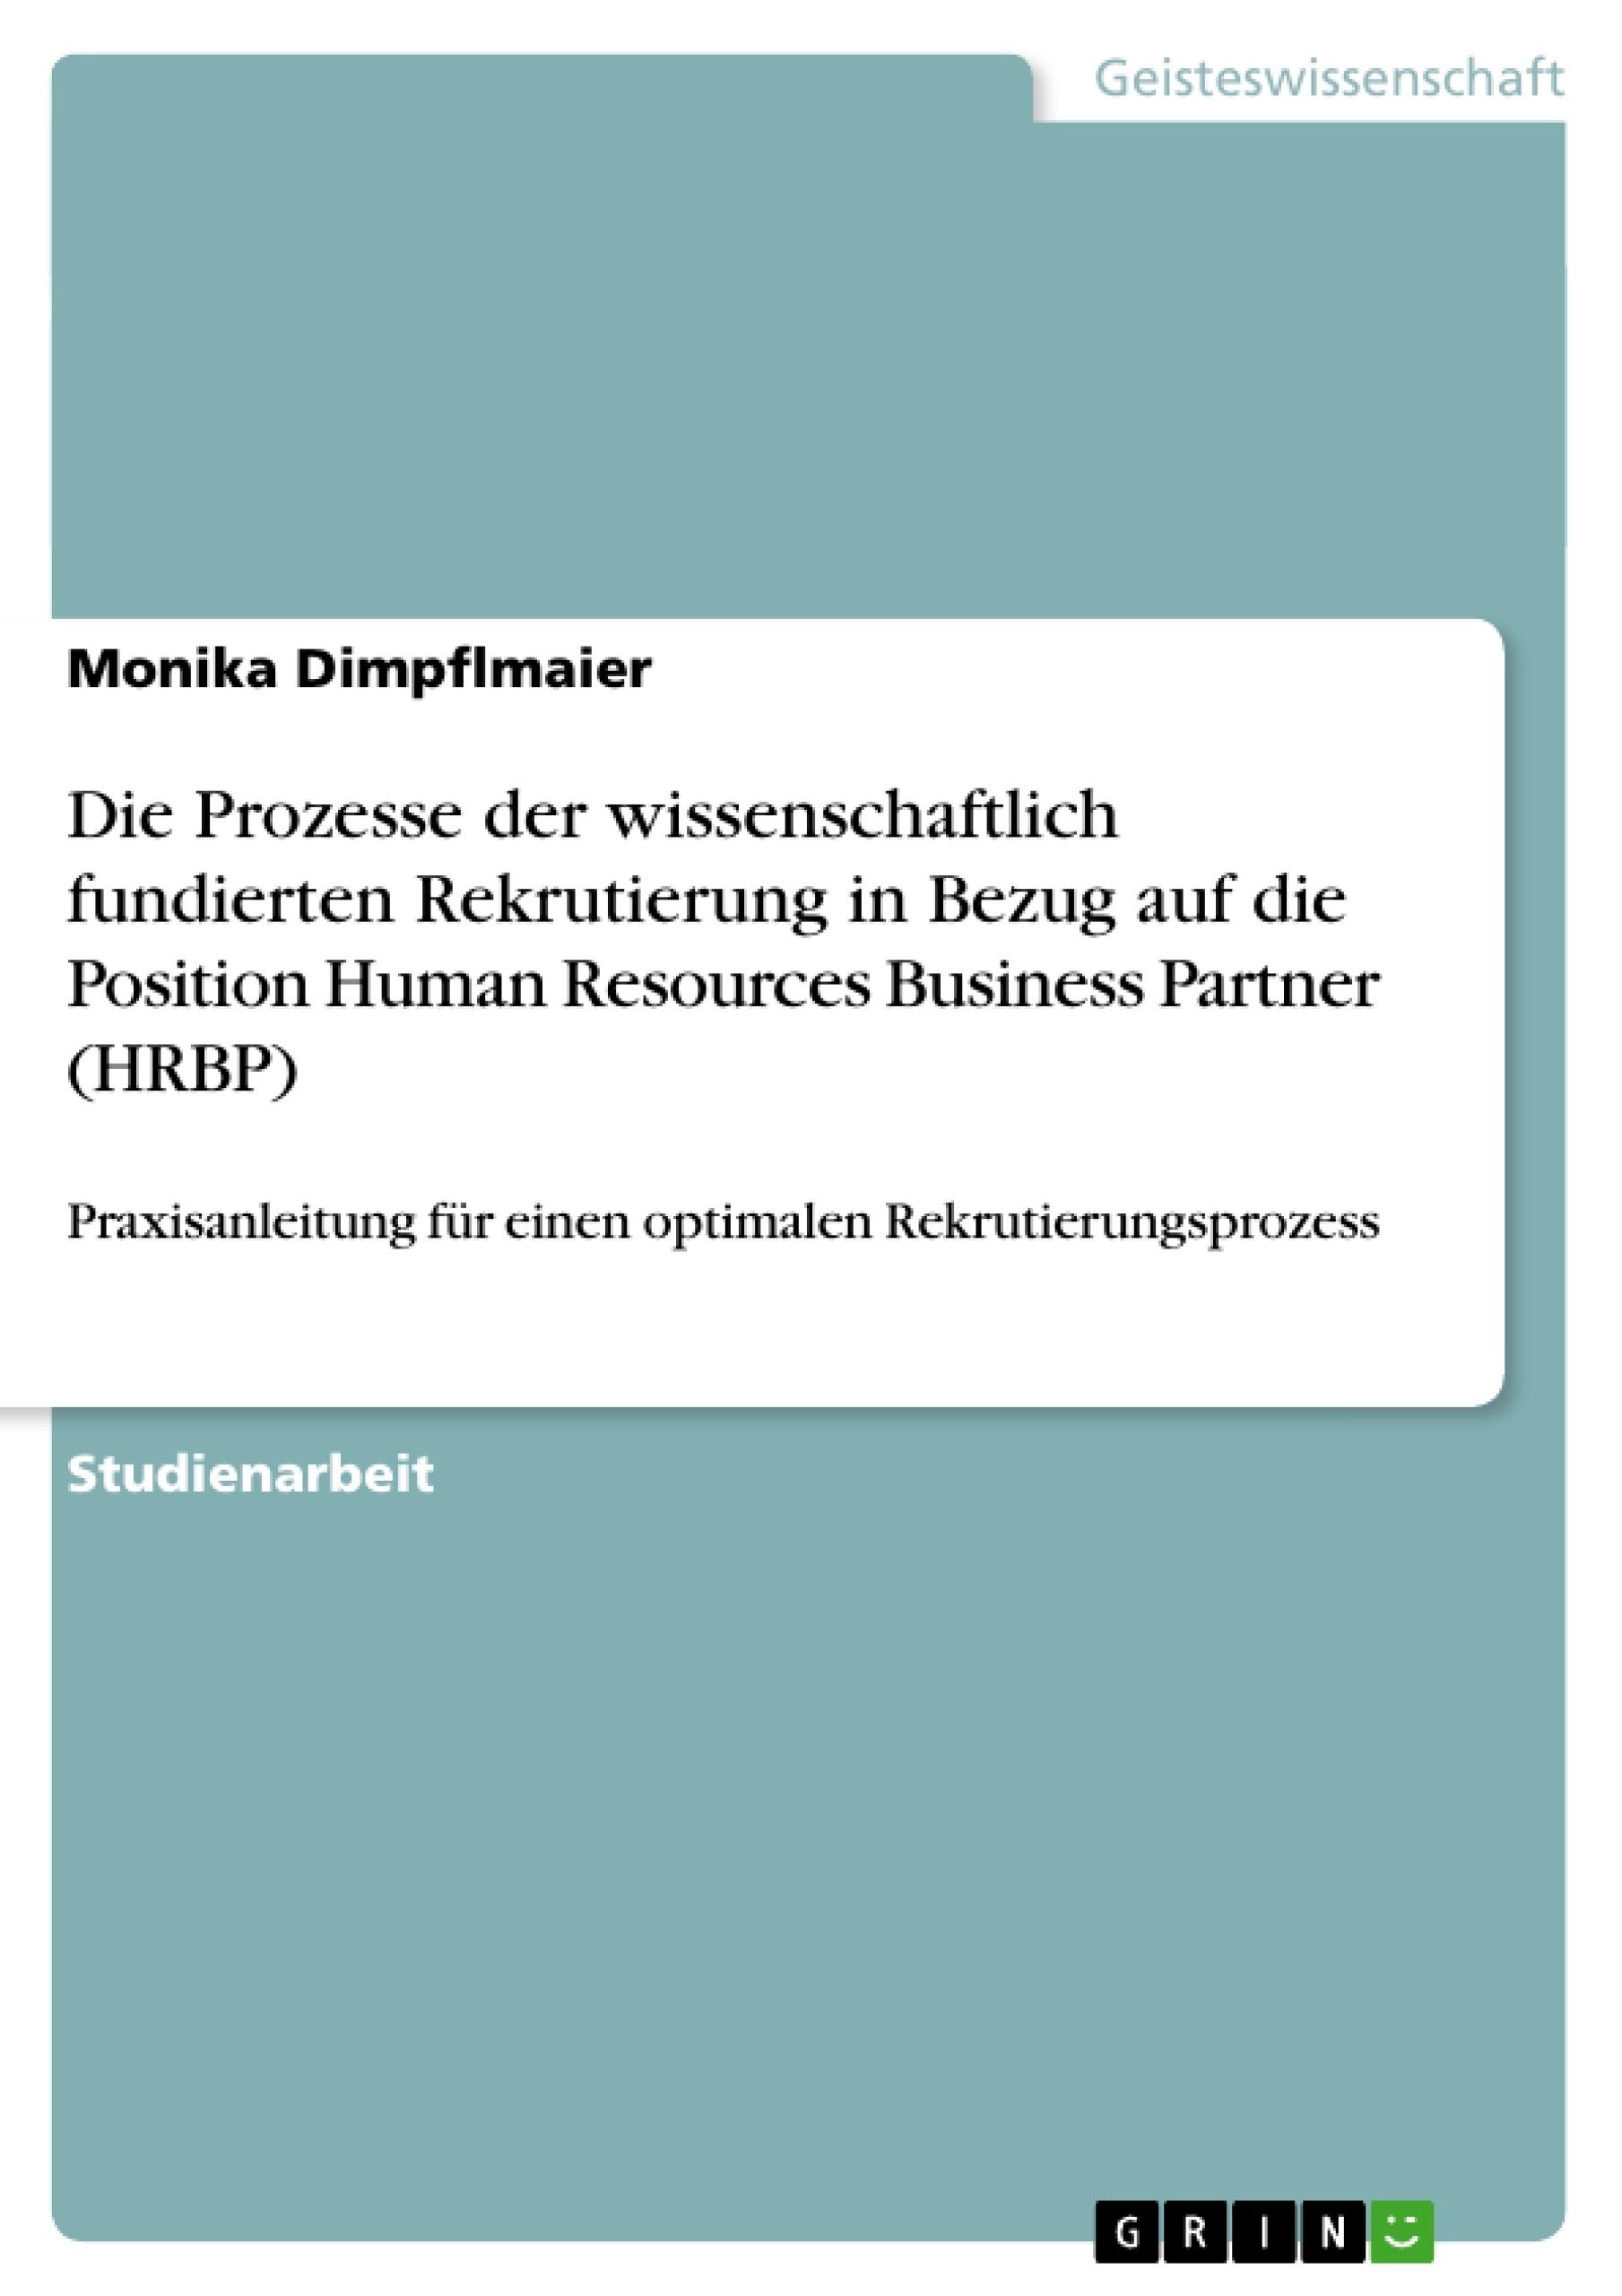 Titel: Die Prozesse der wissenschaftlich fundierten Rekrutierung in Bezug auf die Position Human Resources Business Partner (HRBP)